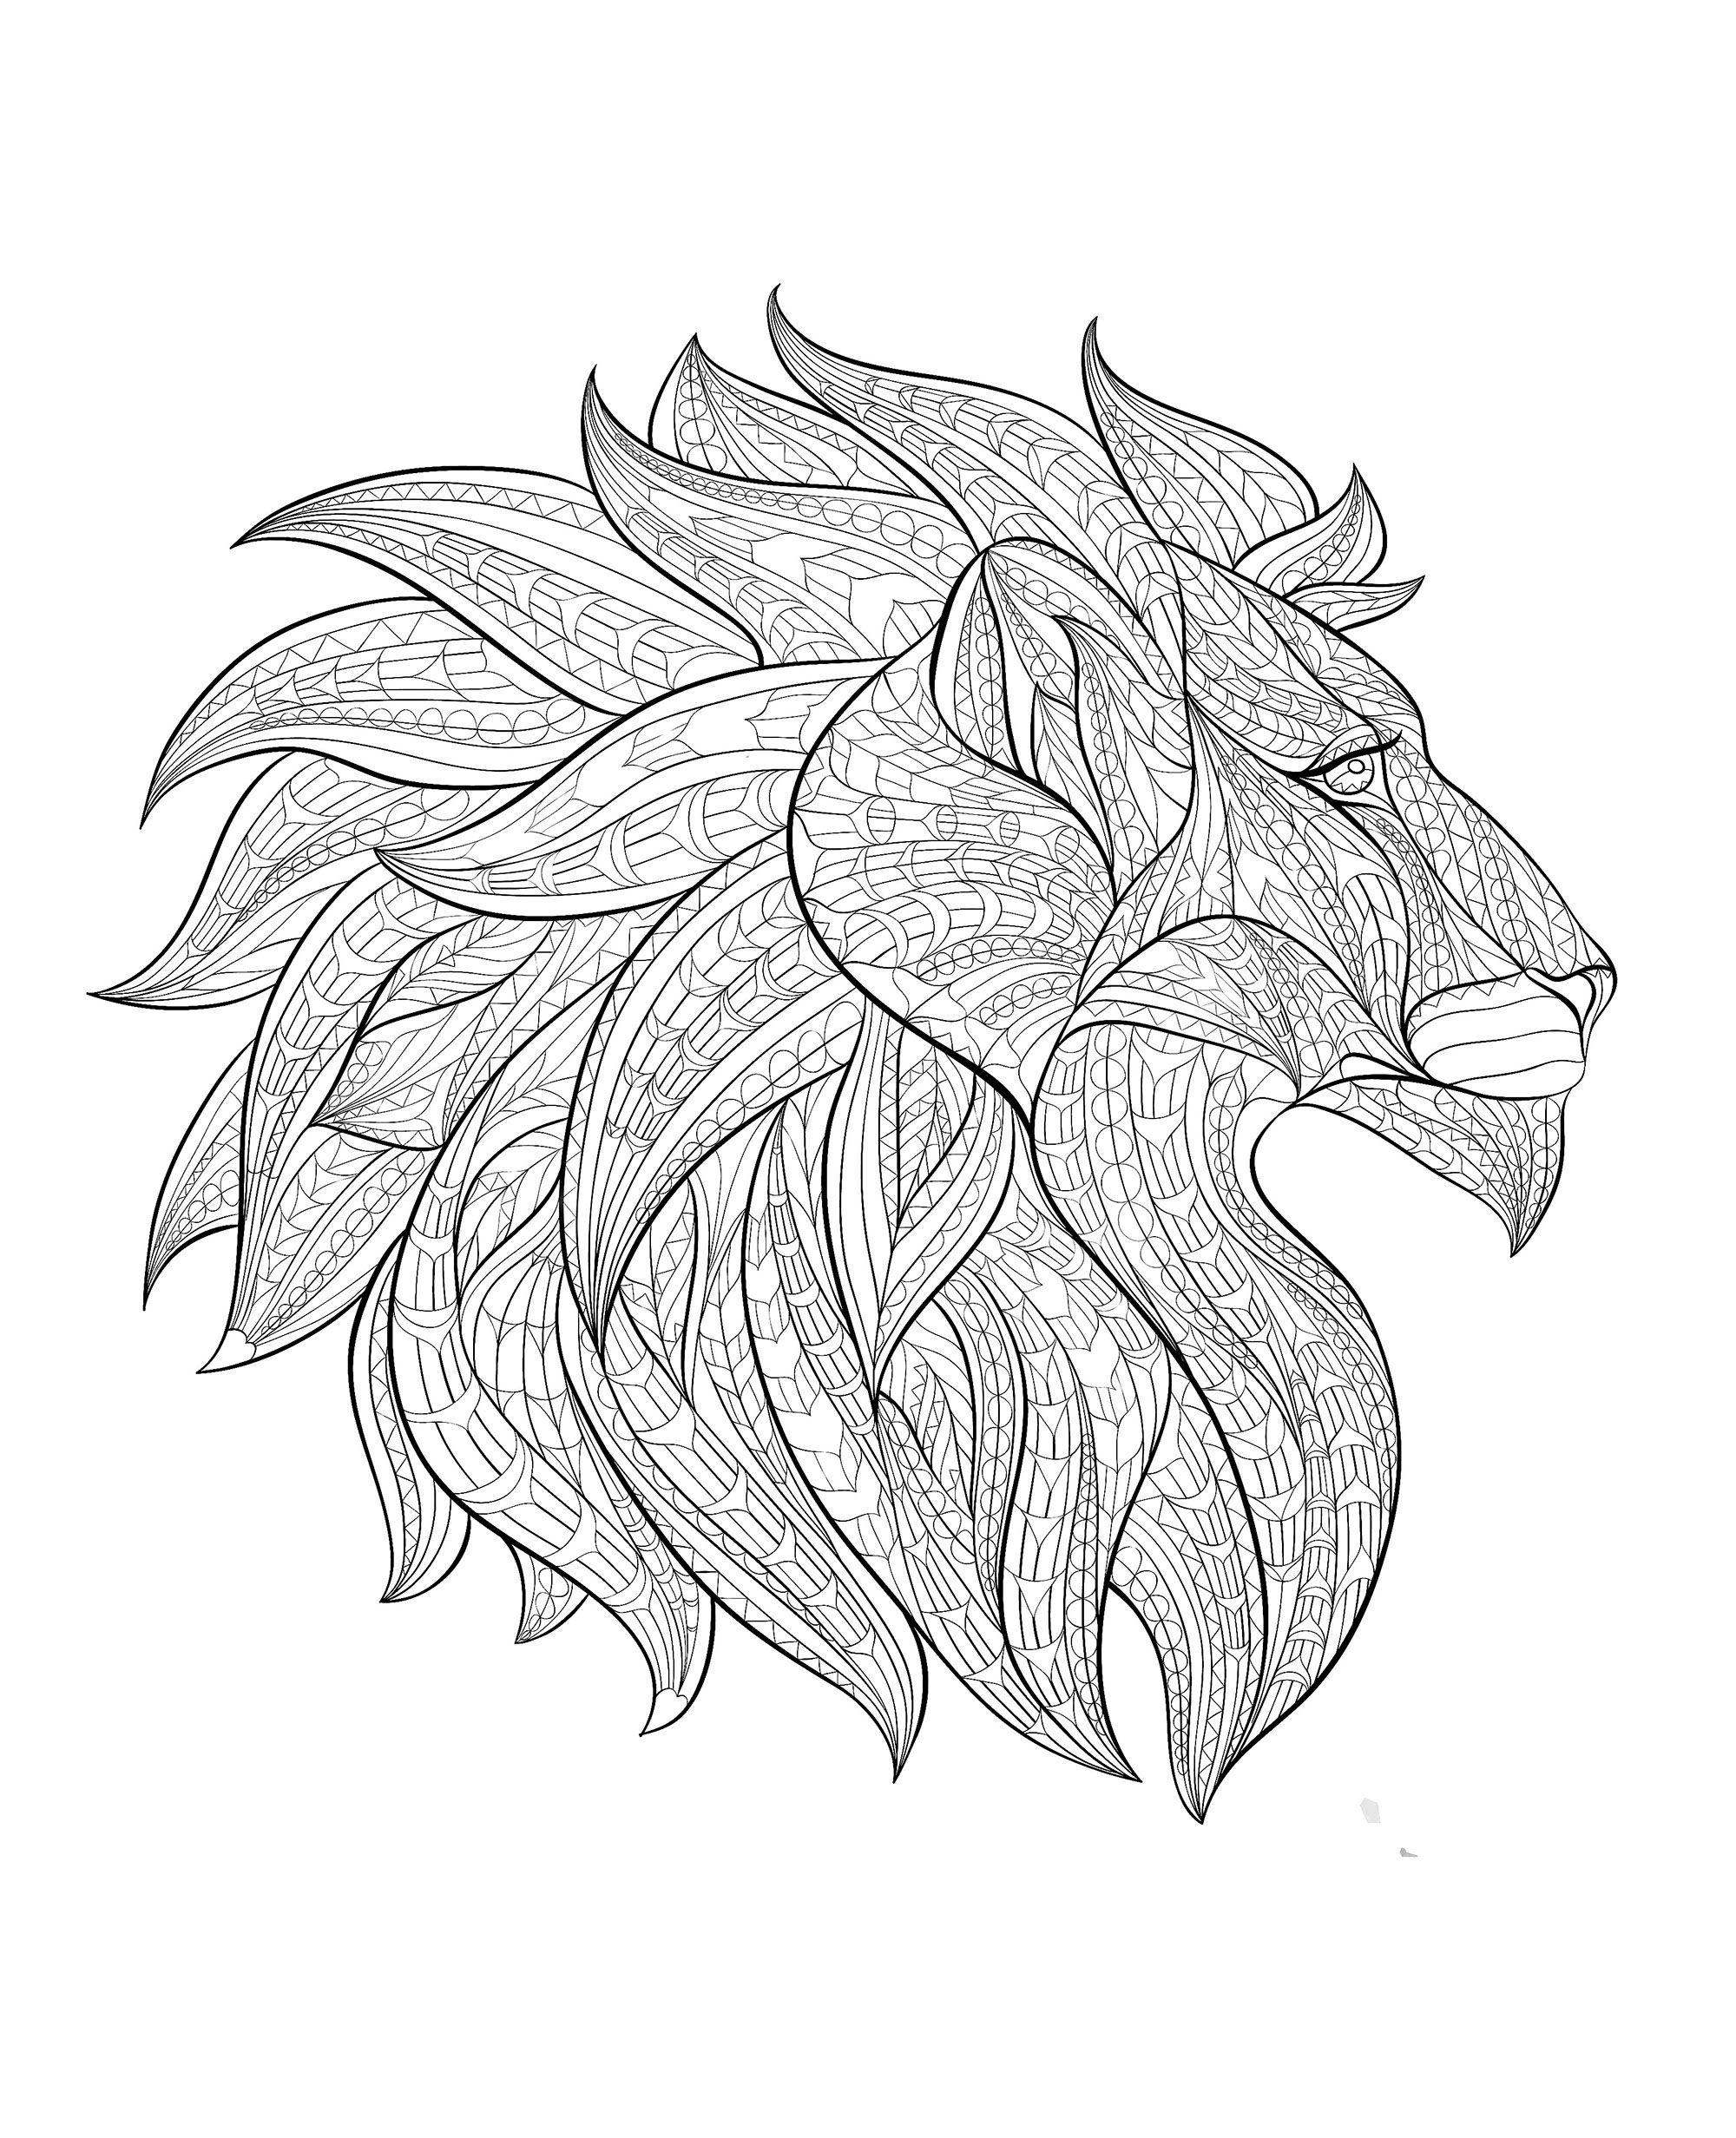 Tete Lion Profil Tete Lion Profil A Partir De La Galerie Lions Artiste Maverickinfanta Lion Coloring Pages Animal Coloring Pages Mandala Coloring Pages